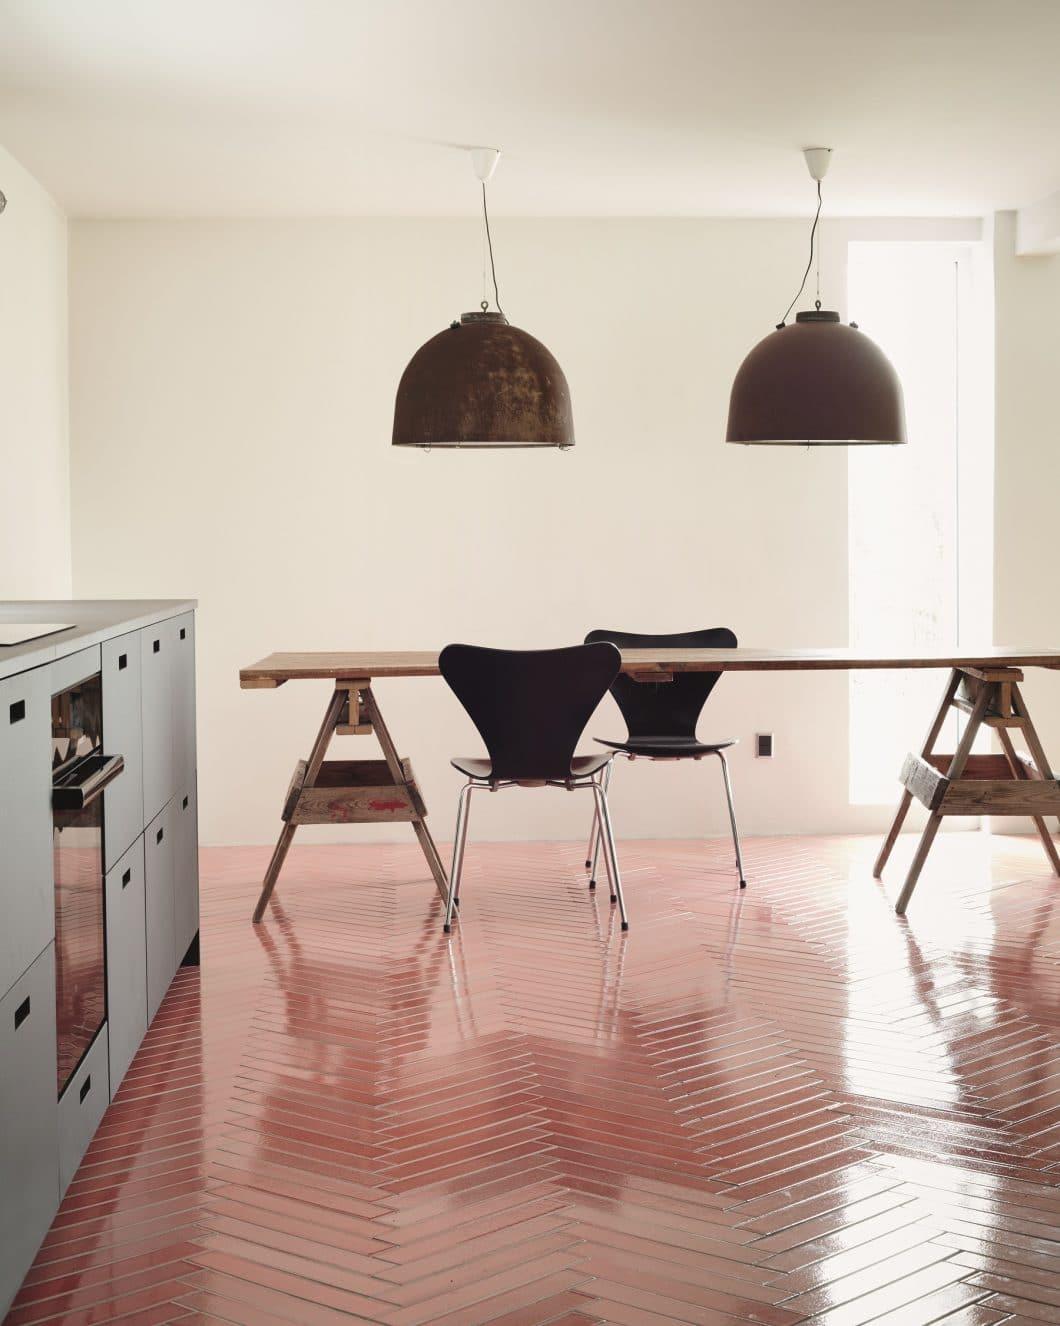 Farbig glasierte Fliesen als Küchenboden oder Küchenwand bringen charaktervolle Individualität in den Raum. (Foto: File Under Pop)